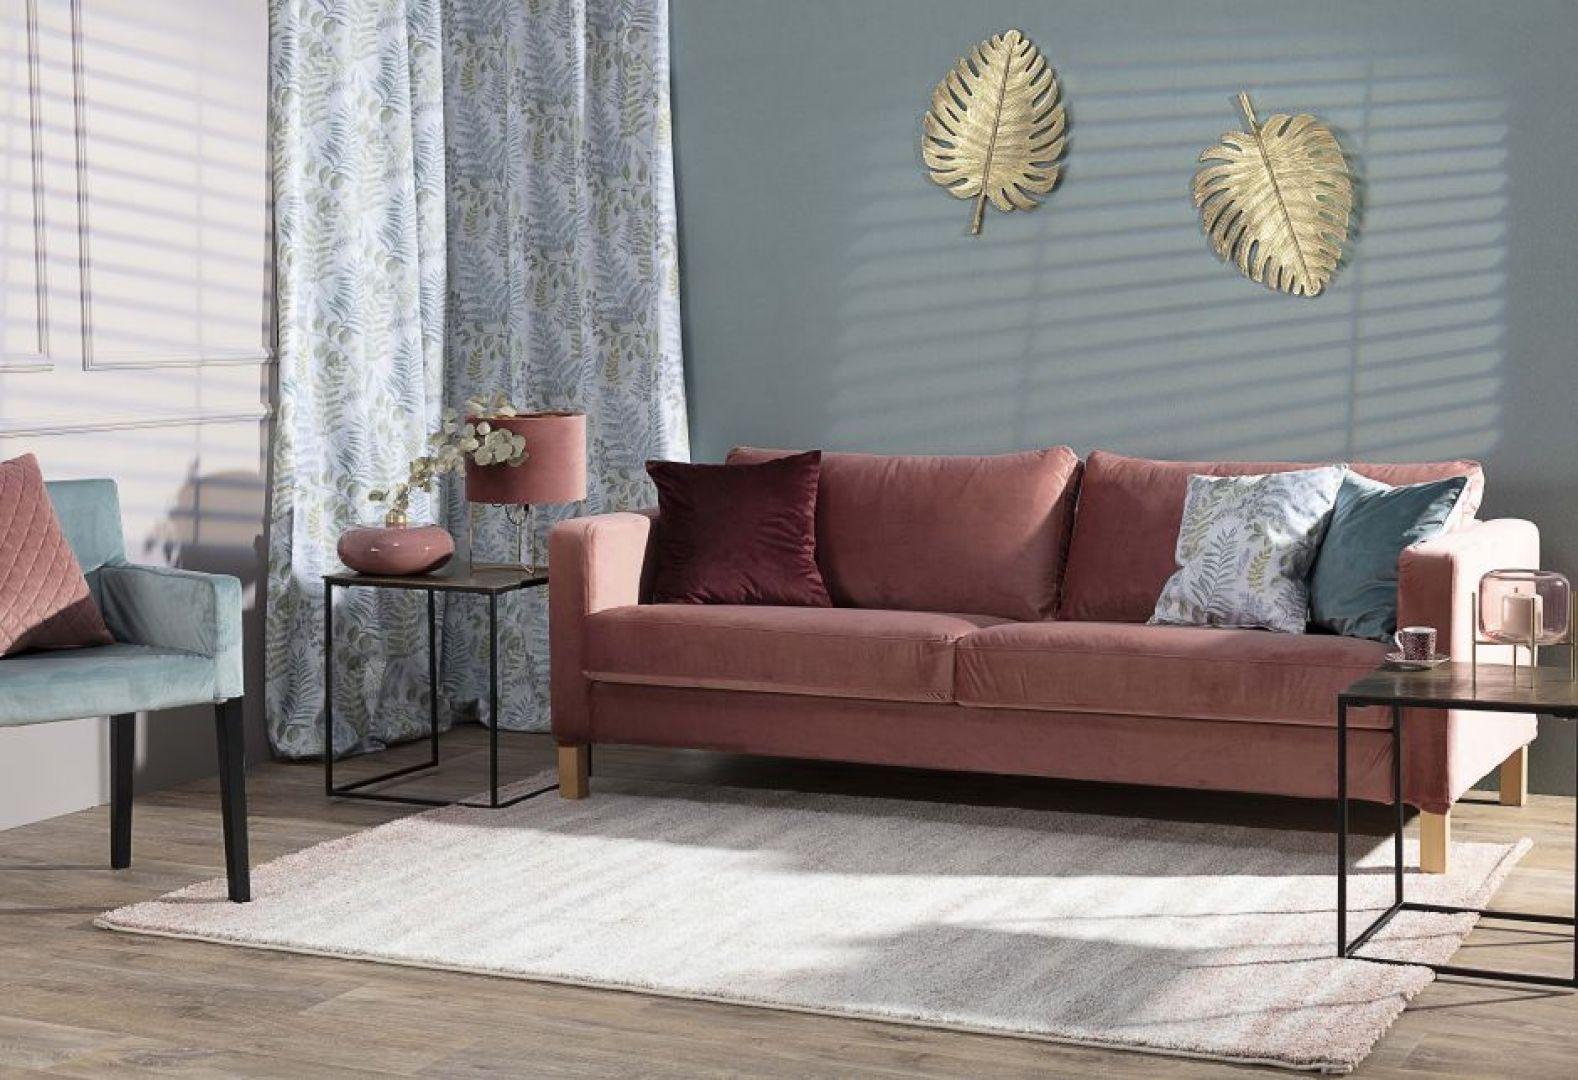 Sofy czy fotele mogą zyskać nowy wymiar dzięki poduszkom dekoracyjnym. Jeśli więc zależy Ci na oryginalnym efekcie, szukaj akcesoriów w różnych kształtach i fakturach oraz poszewek na poduszki w rozmaitych kolorach. Na zdjęciu: poszewka Kinga pikowana 43x43 cm. Cena: 42,90 zł. Fot. Dekoria